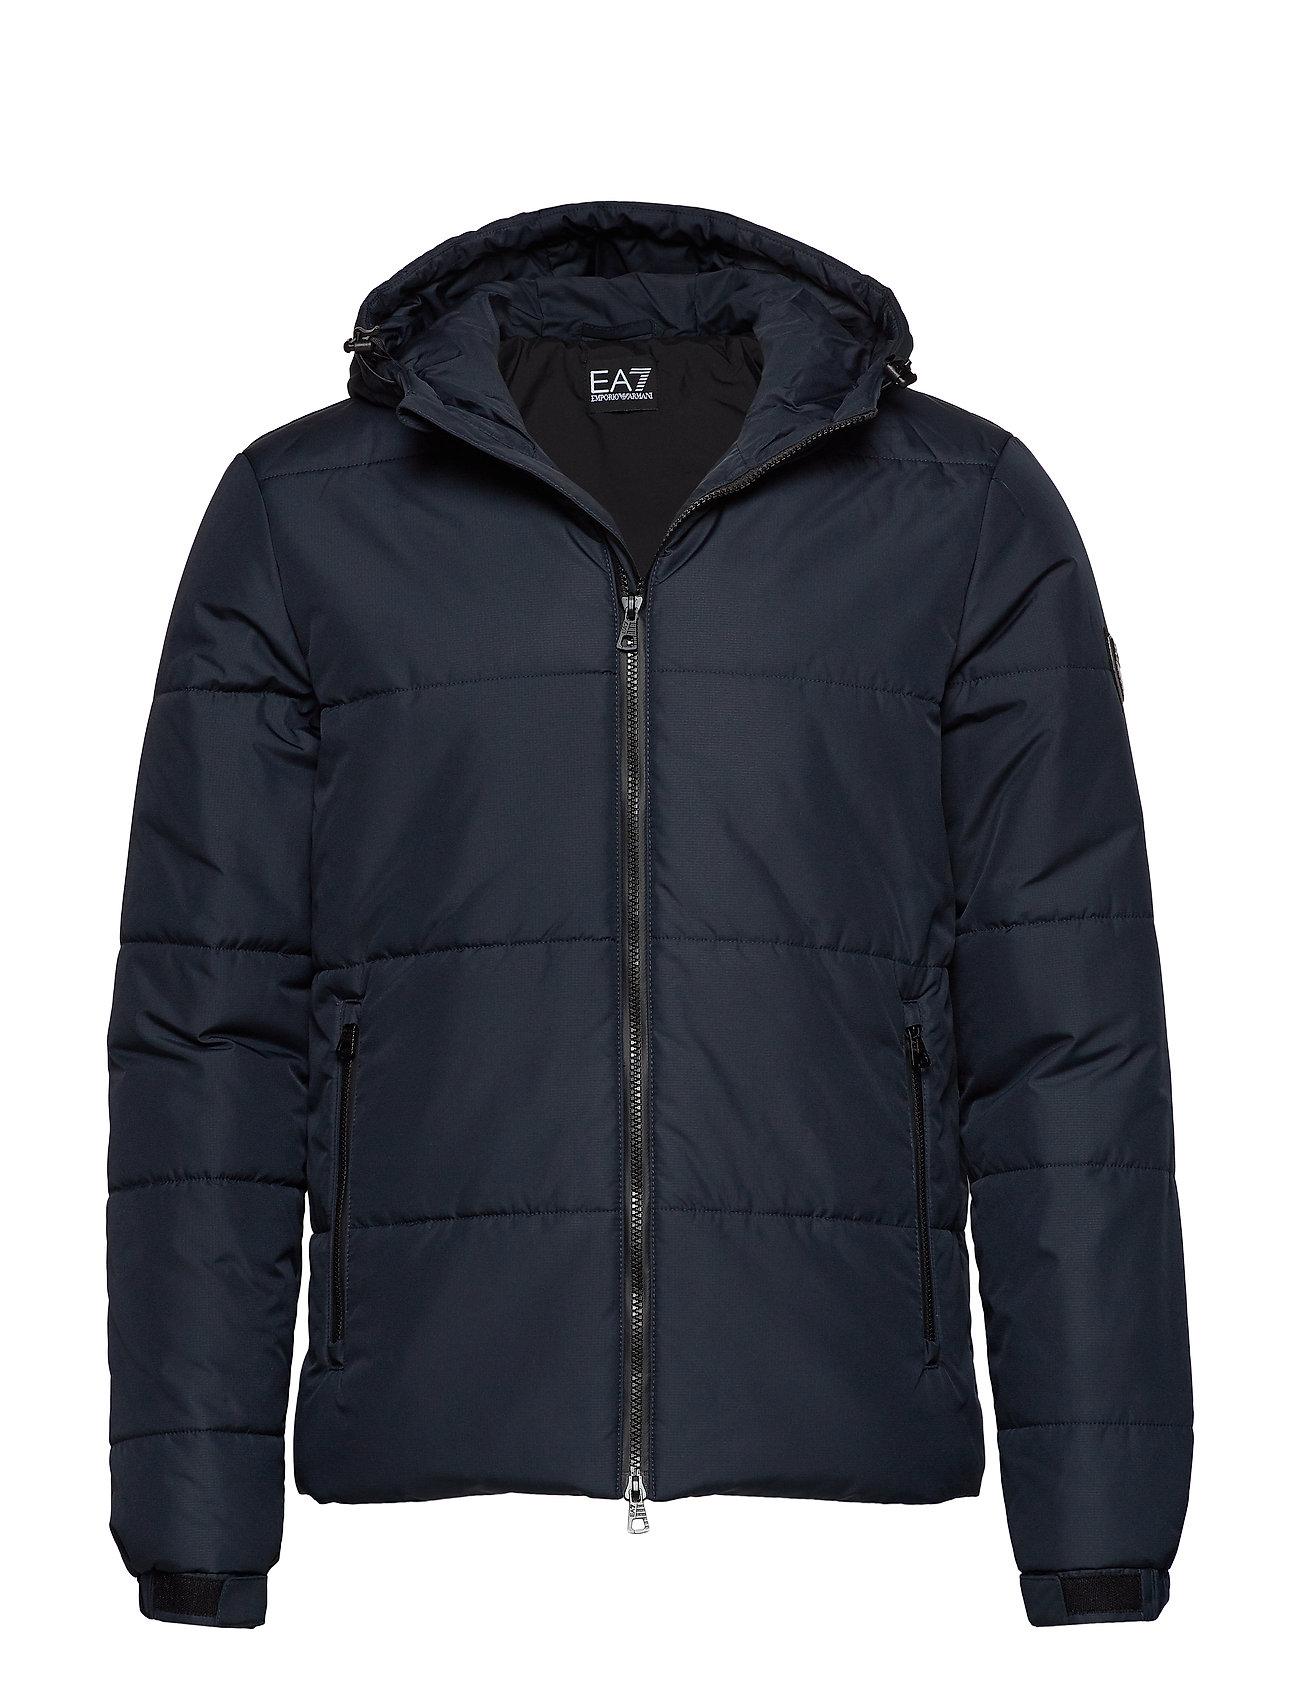 Image of Jacket Foret Jakke Blå EA7 (3406215395)